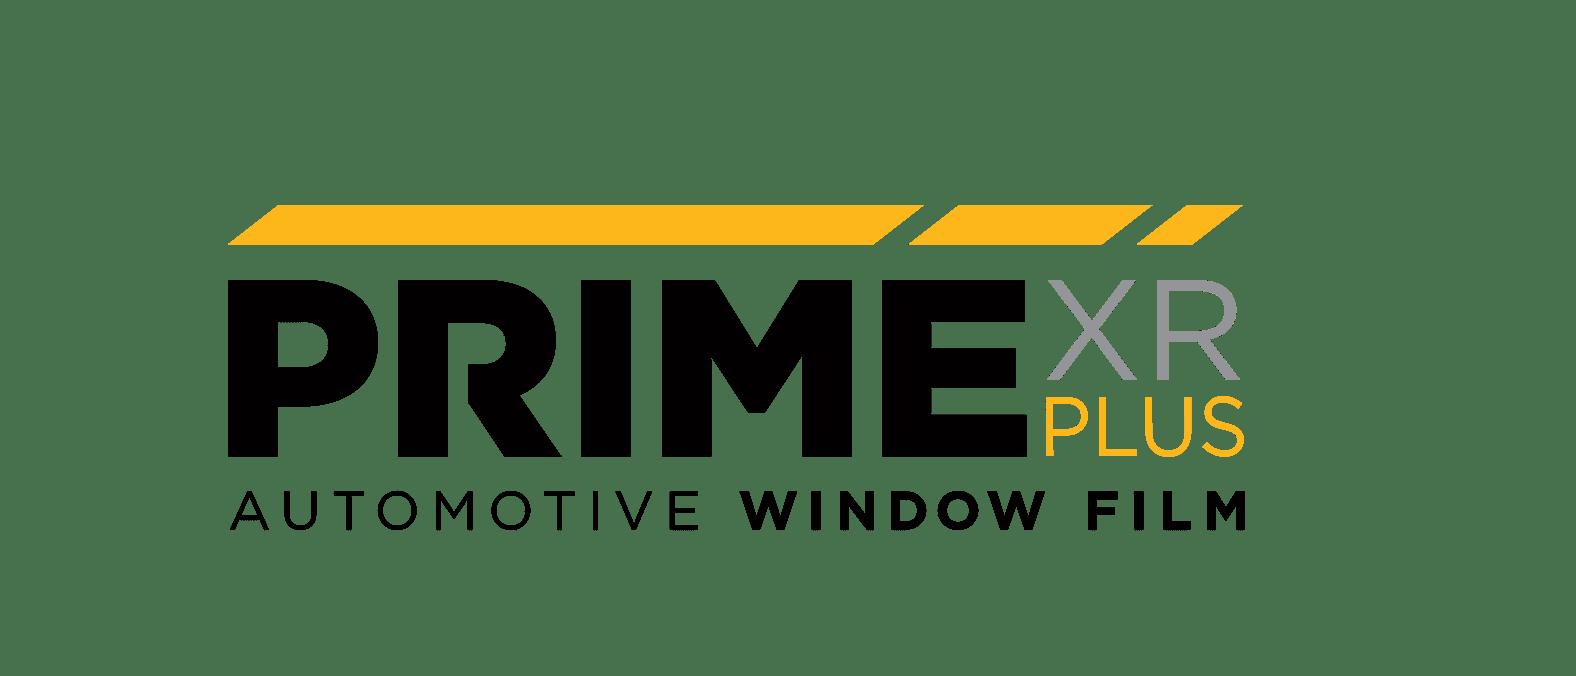 prime-xr-plus-2